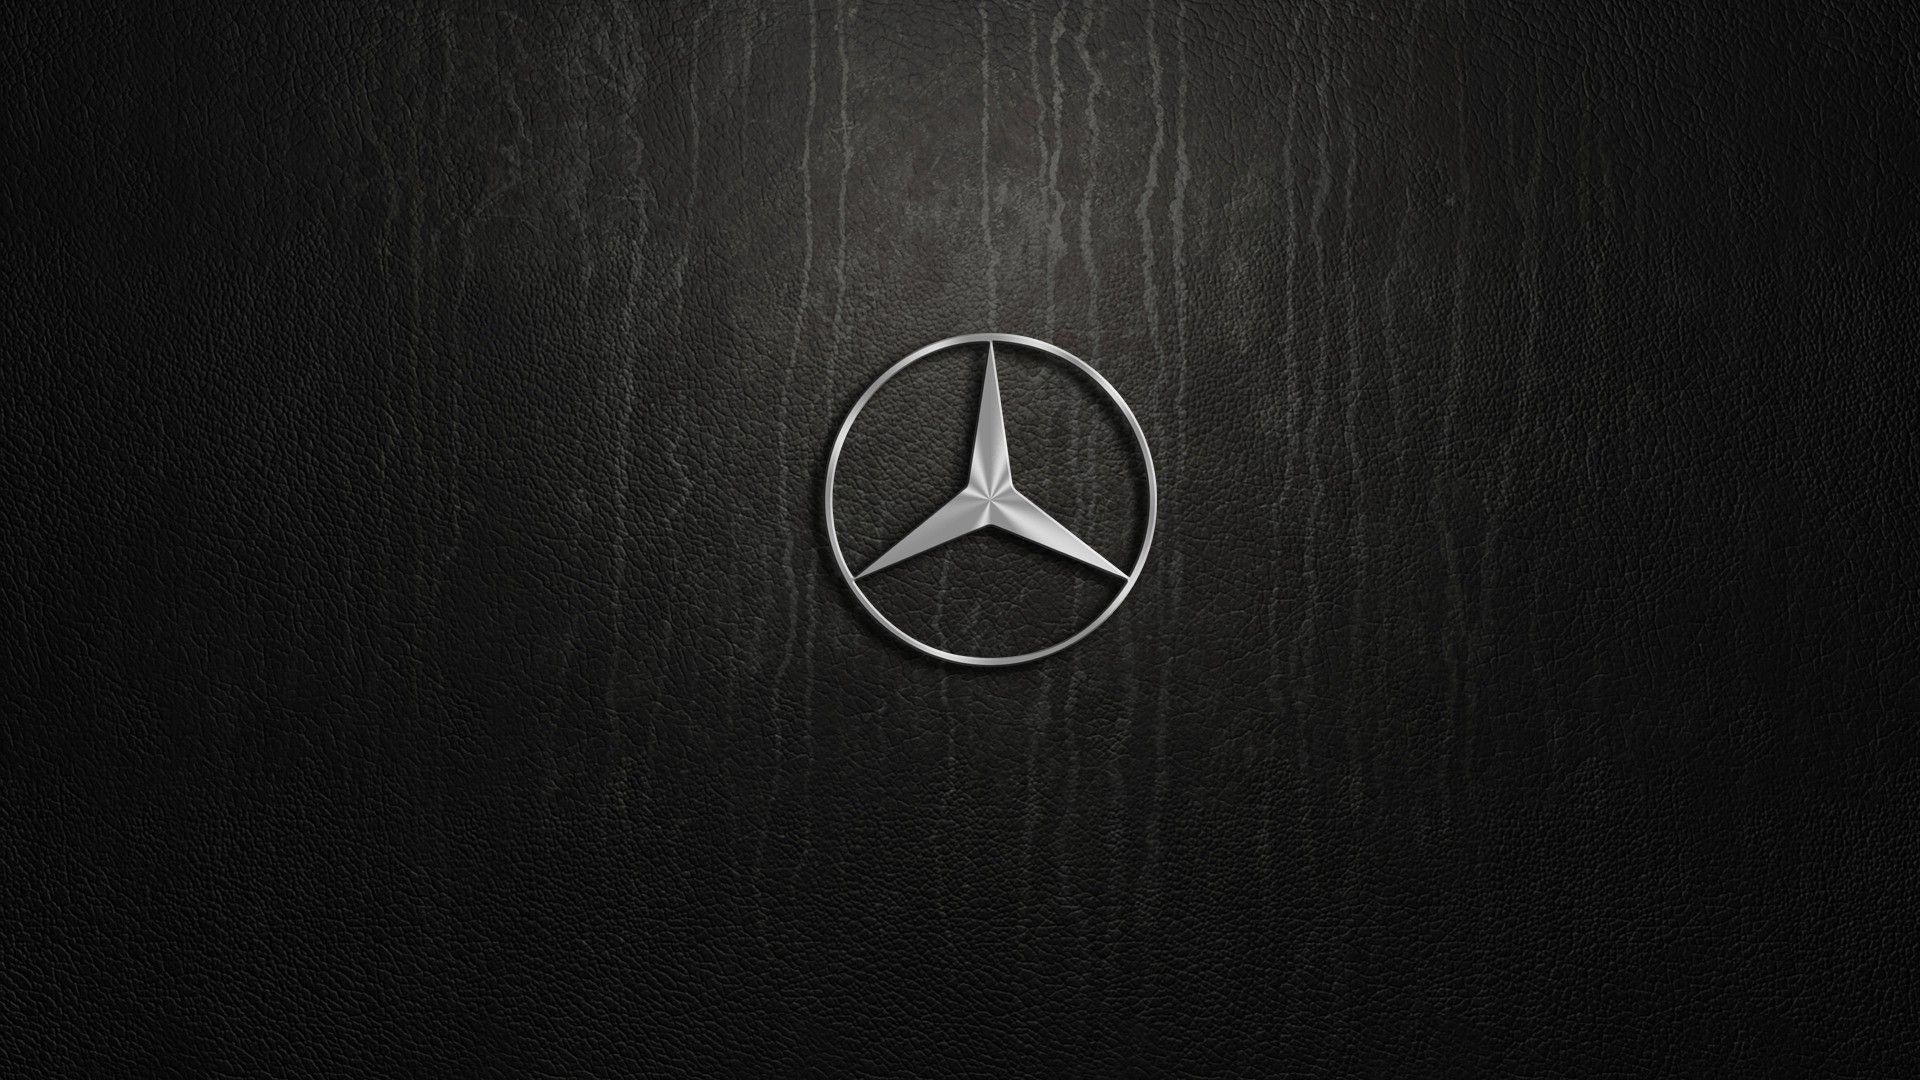 Luxury Mercedes Benz Logo Wallpaper Hd Di 2020 Dengan Gambar